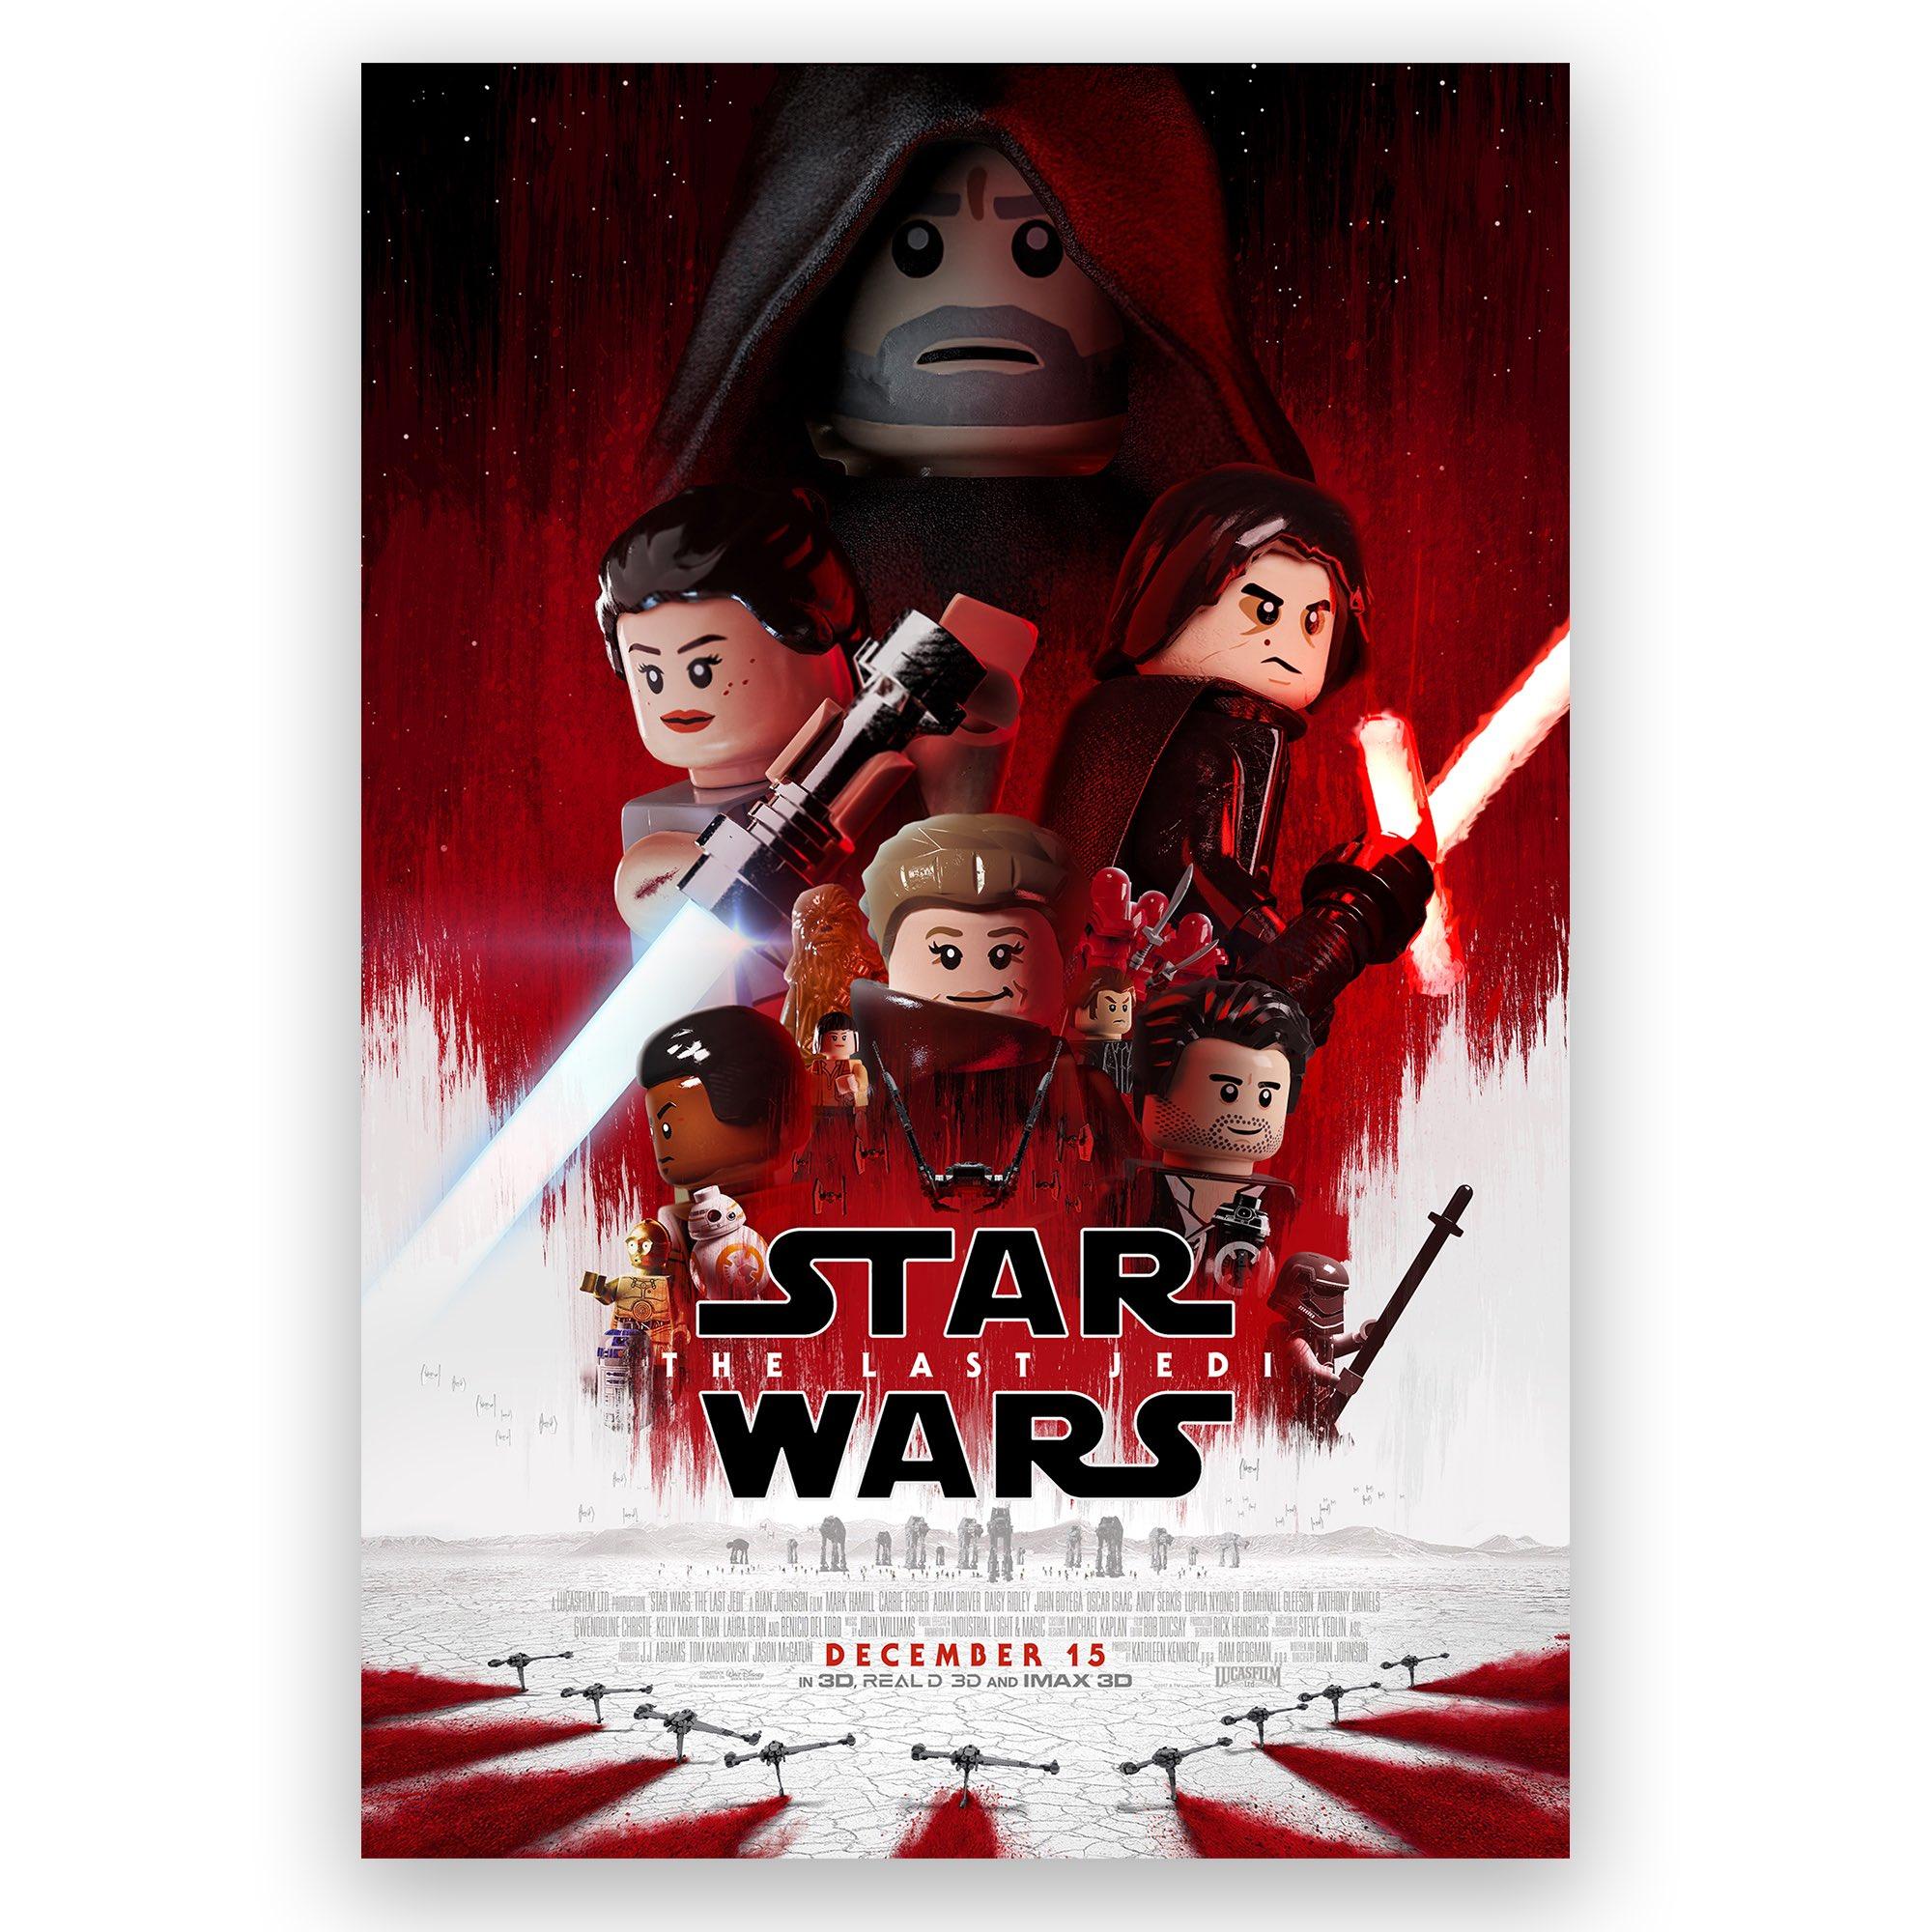 Star Wars The Last Jedi: Filmposter in LEGO | zusammengebaut